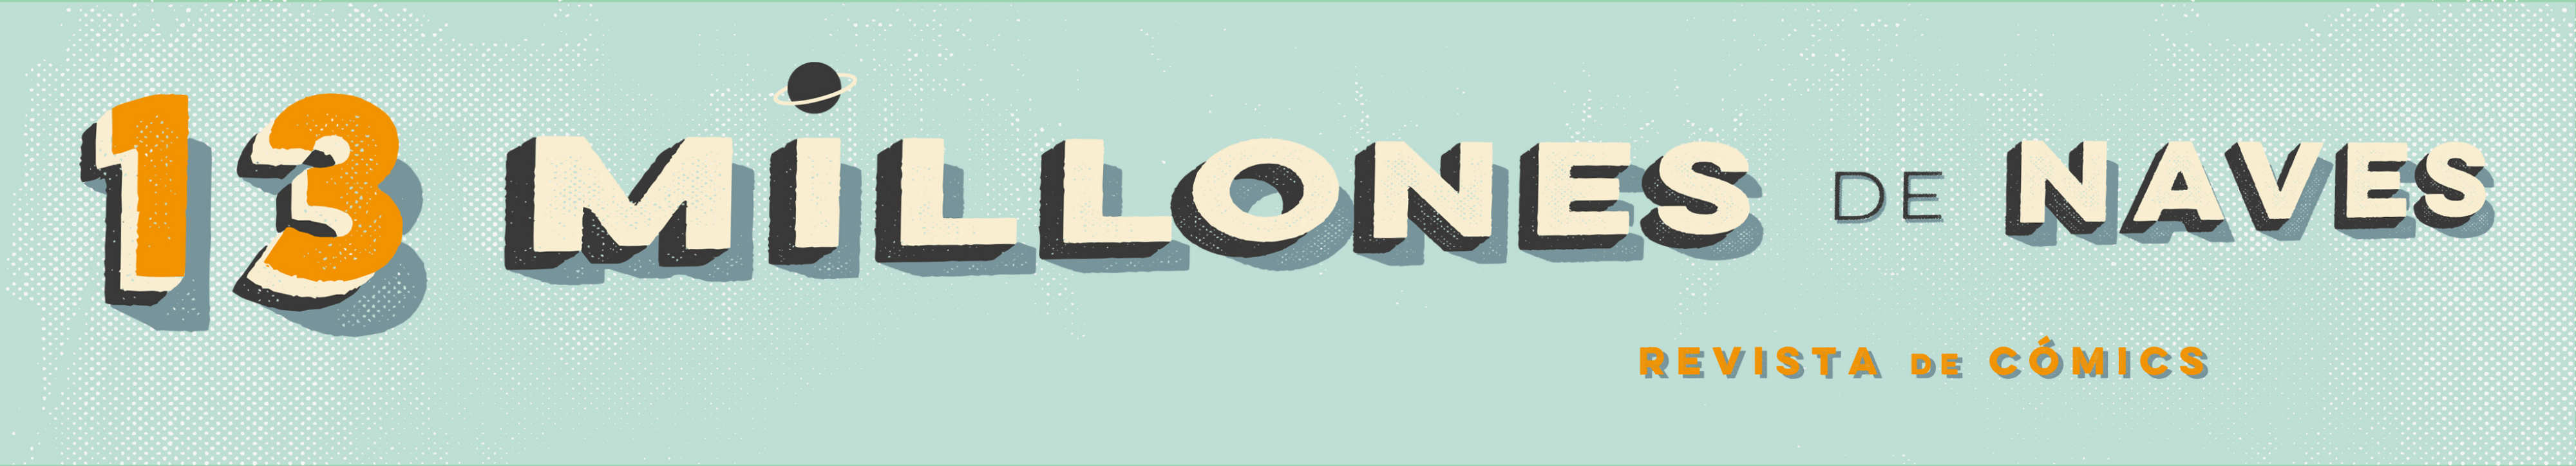 13millonesdenaves logo